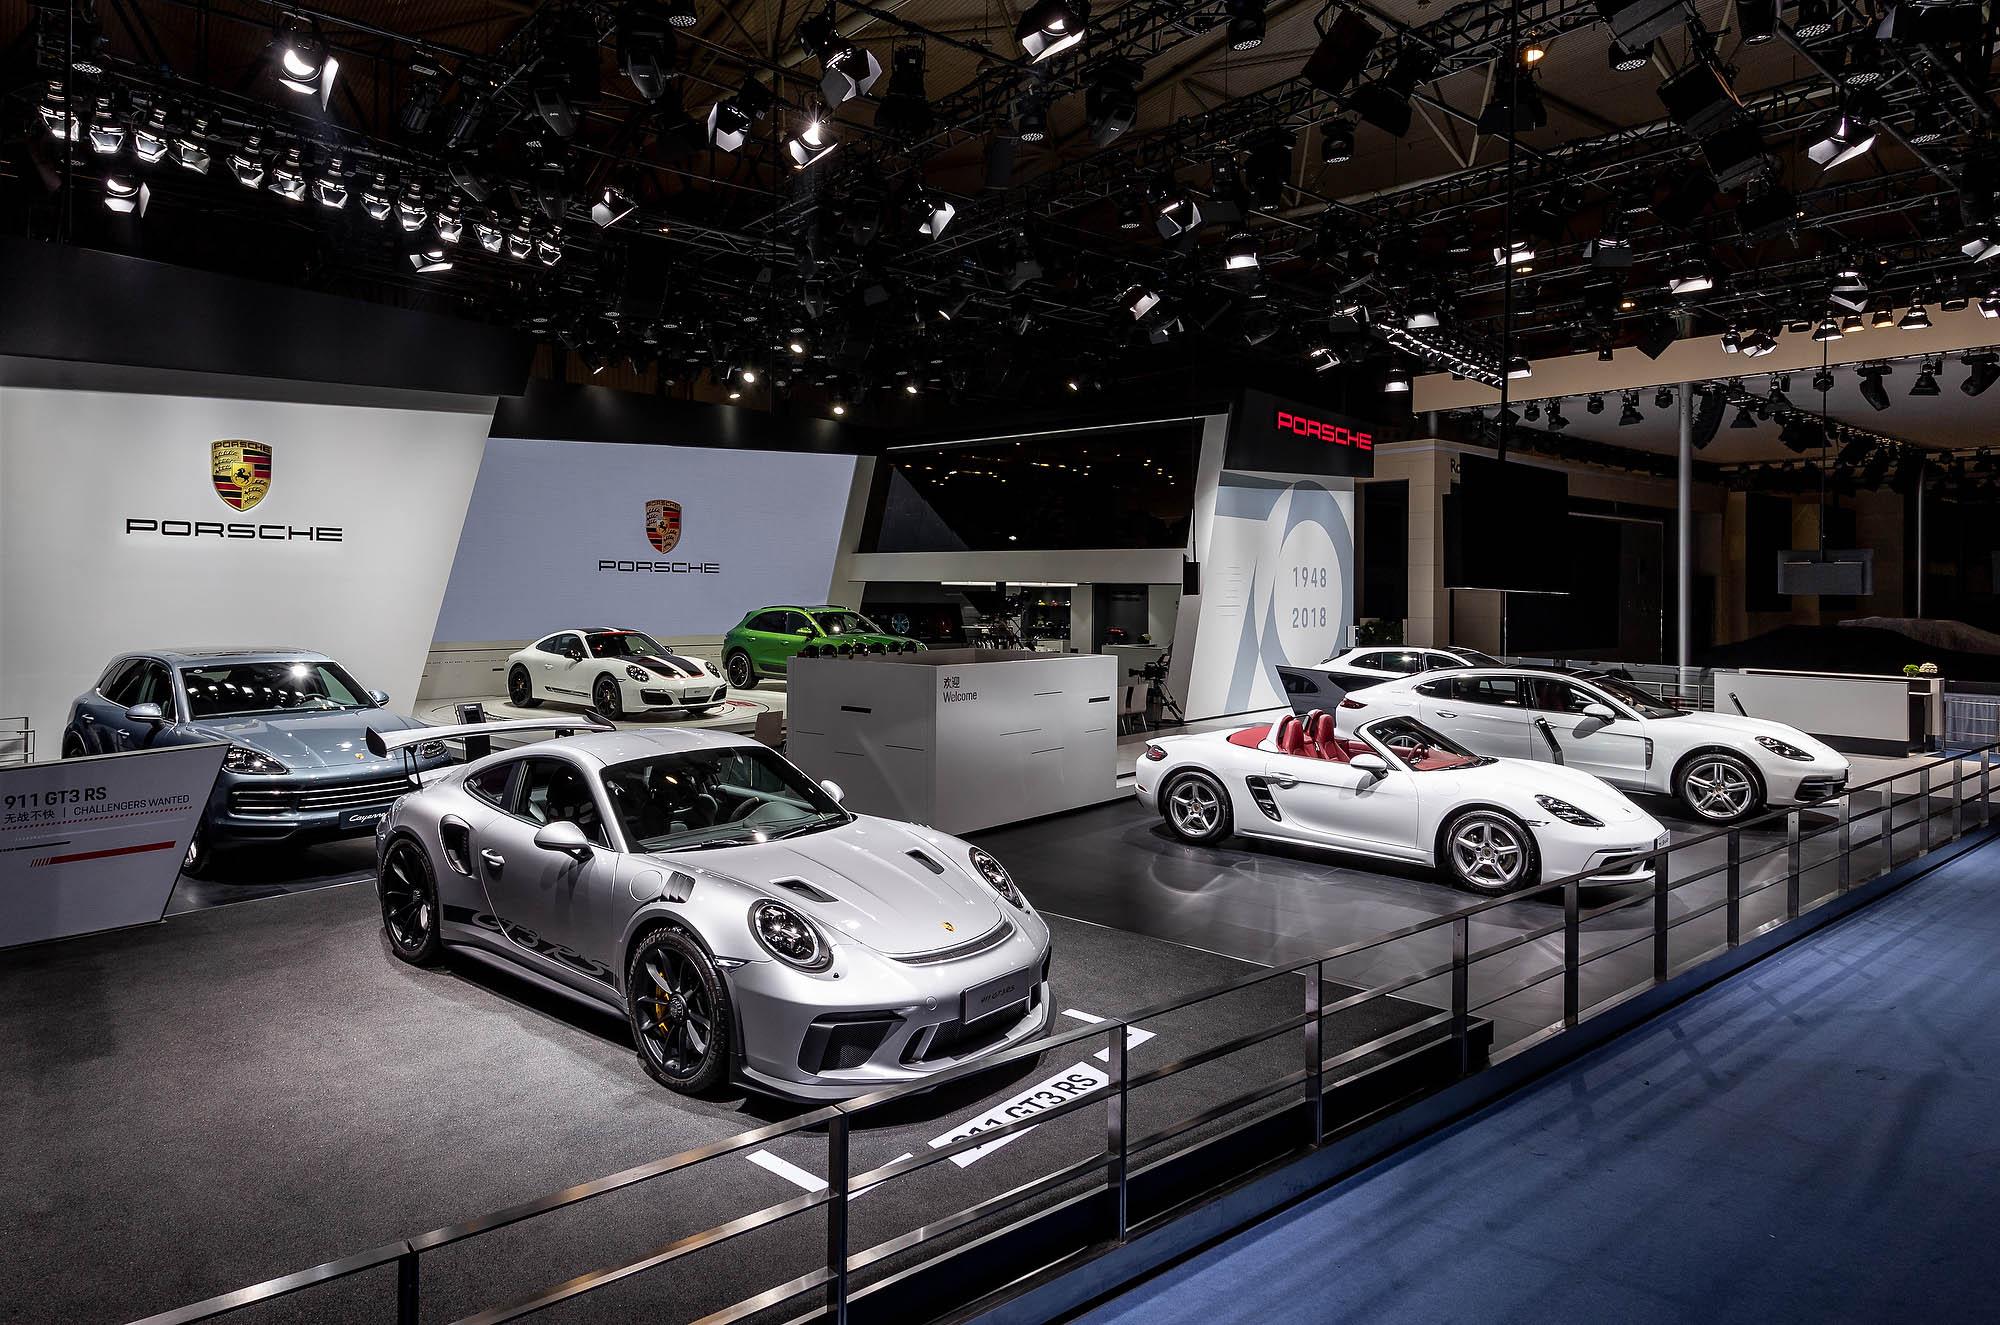 限定版911中国首发,保时捷携全系车型亮相成都车展